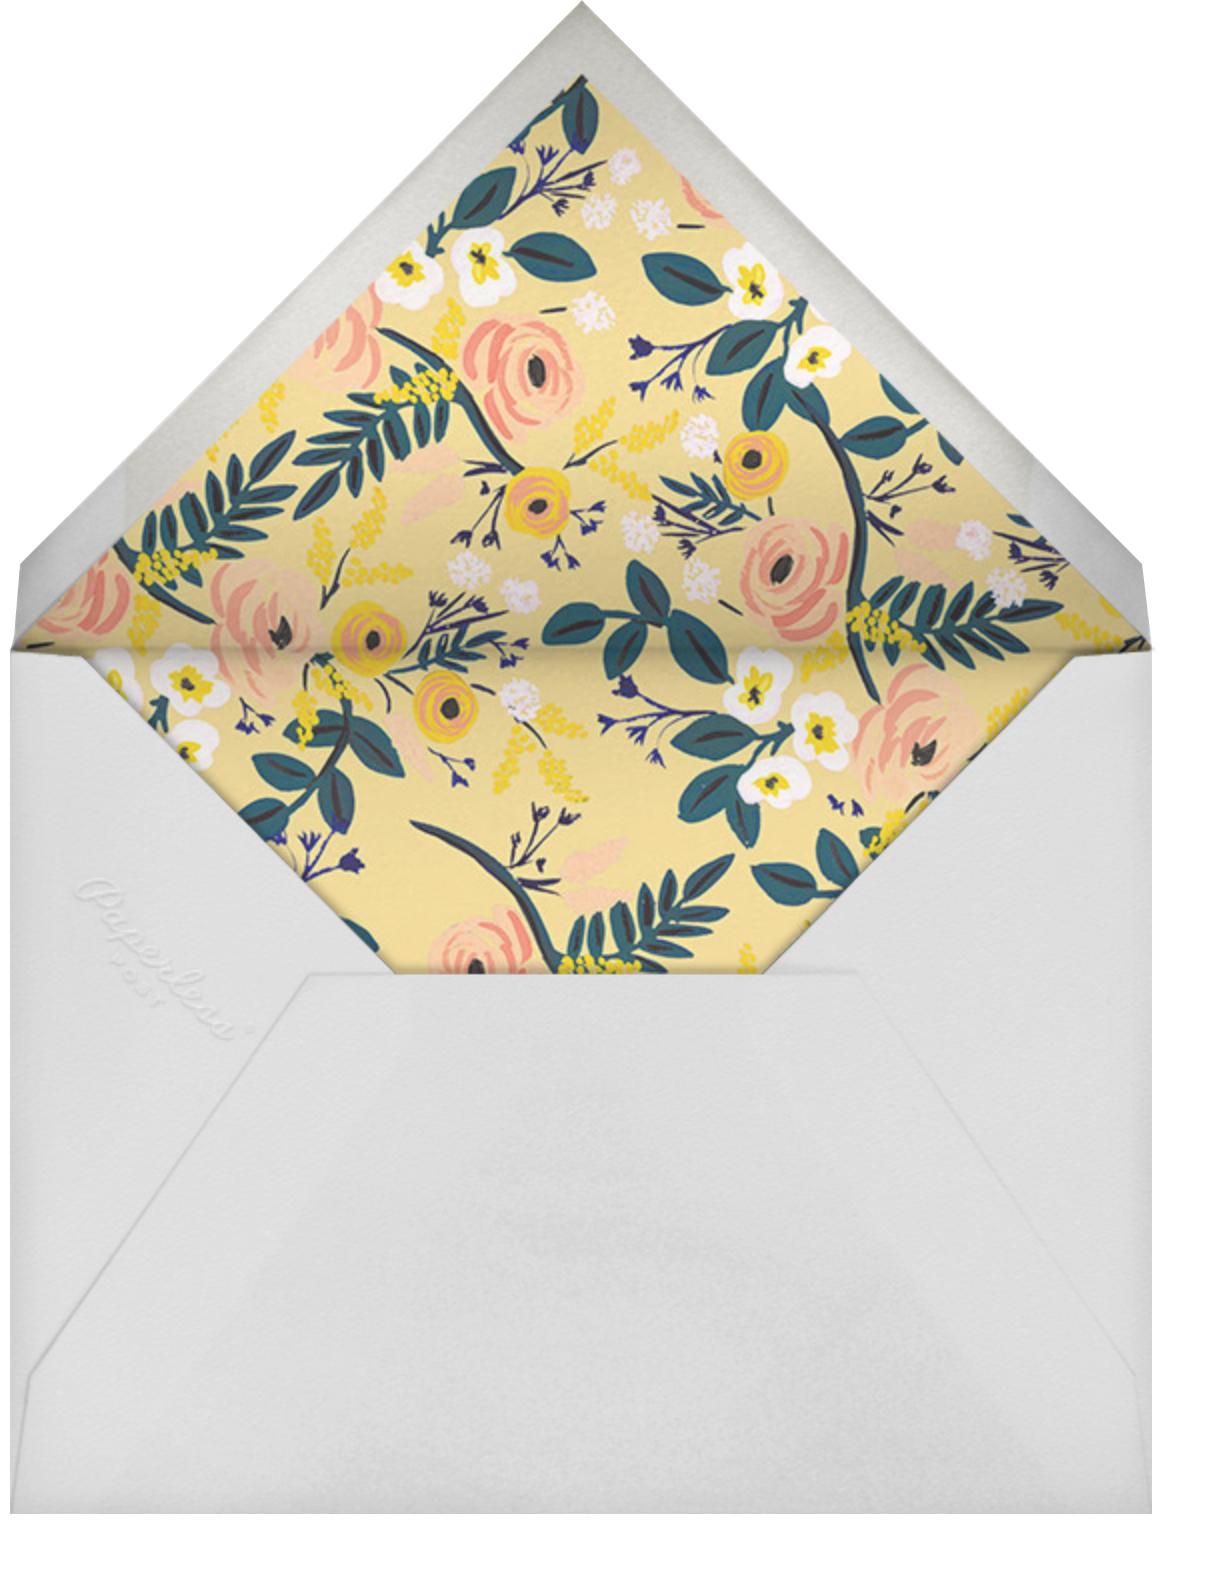 Cloche - Light - Rifle Paper Co. - Envelope